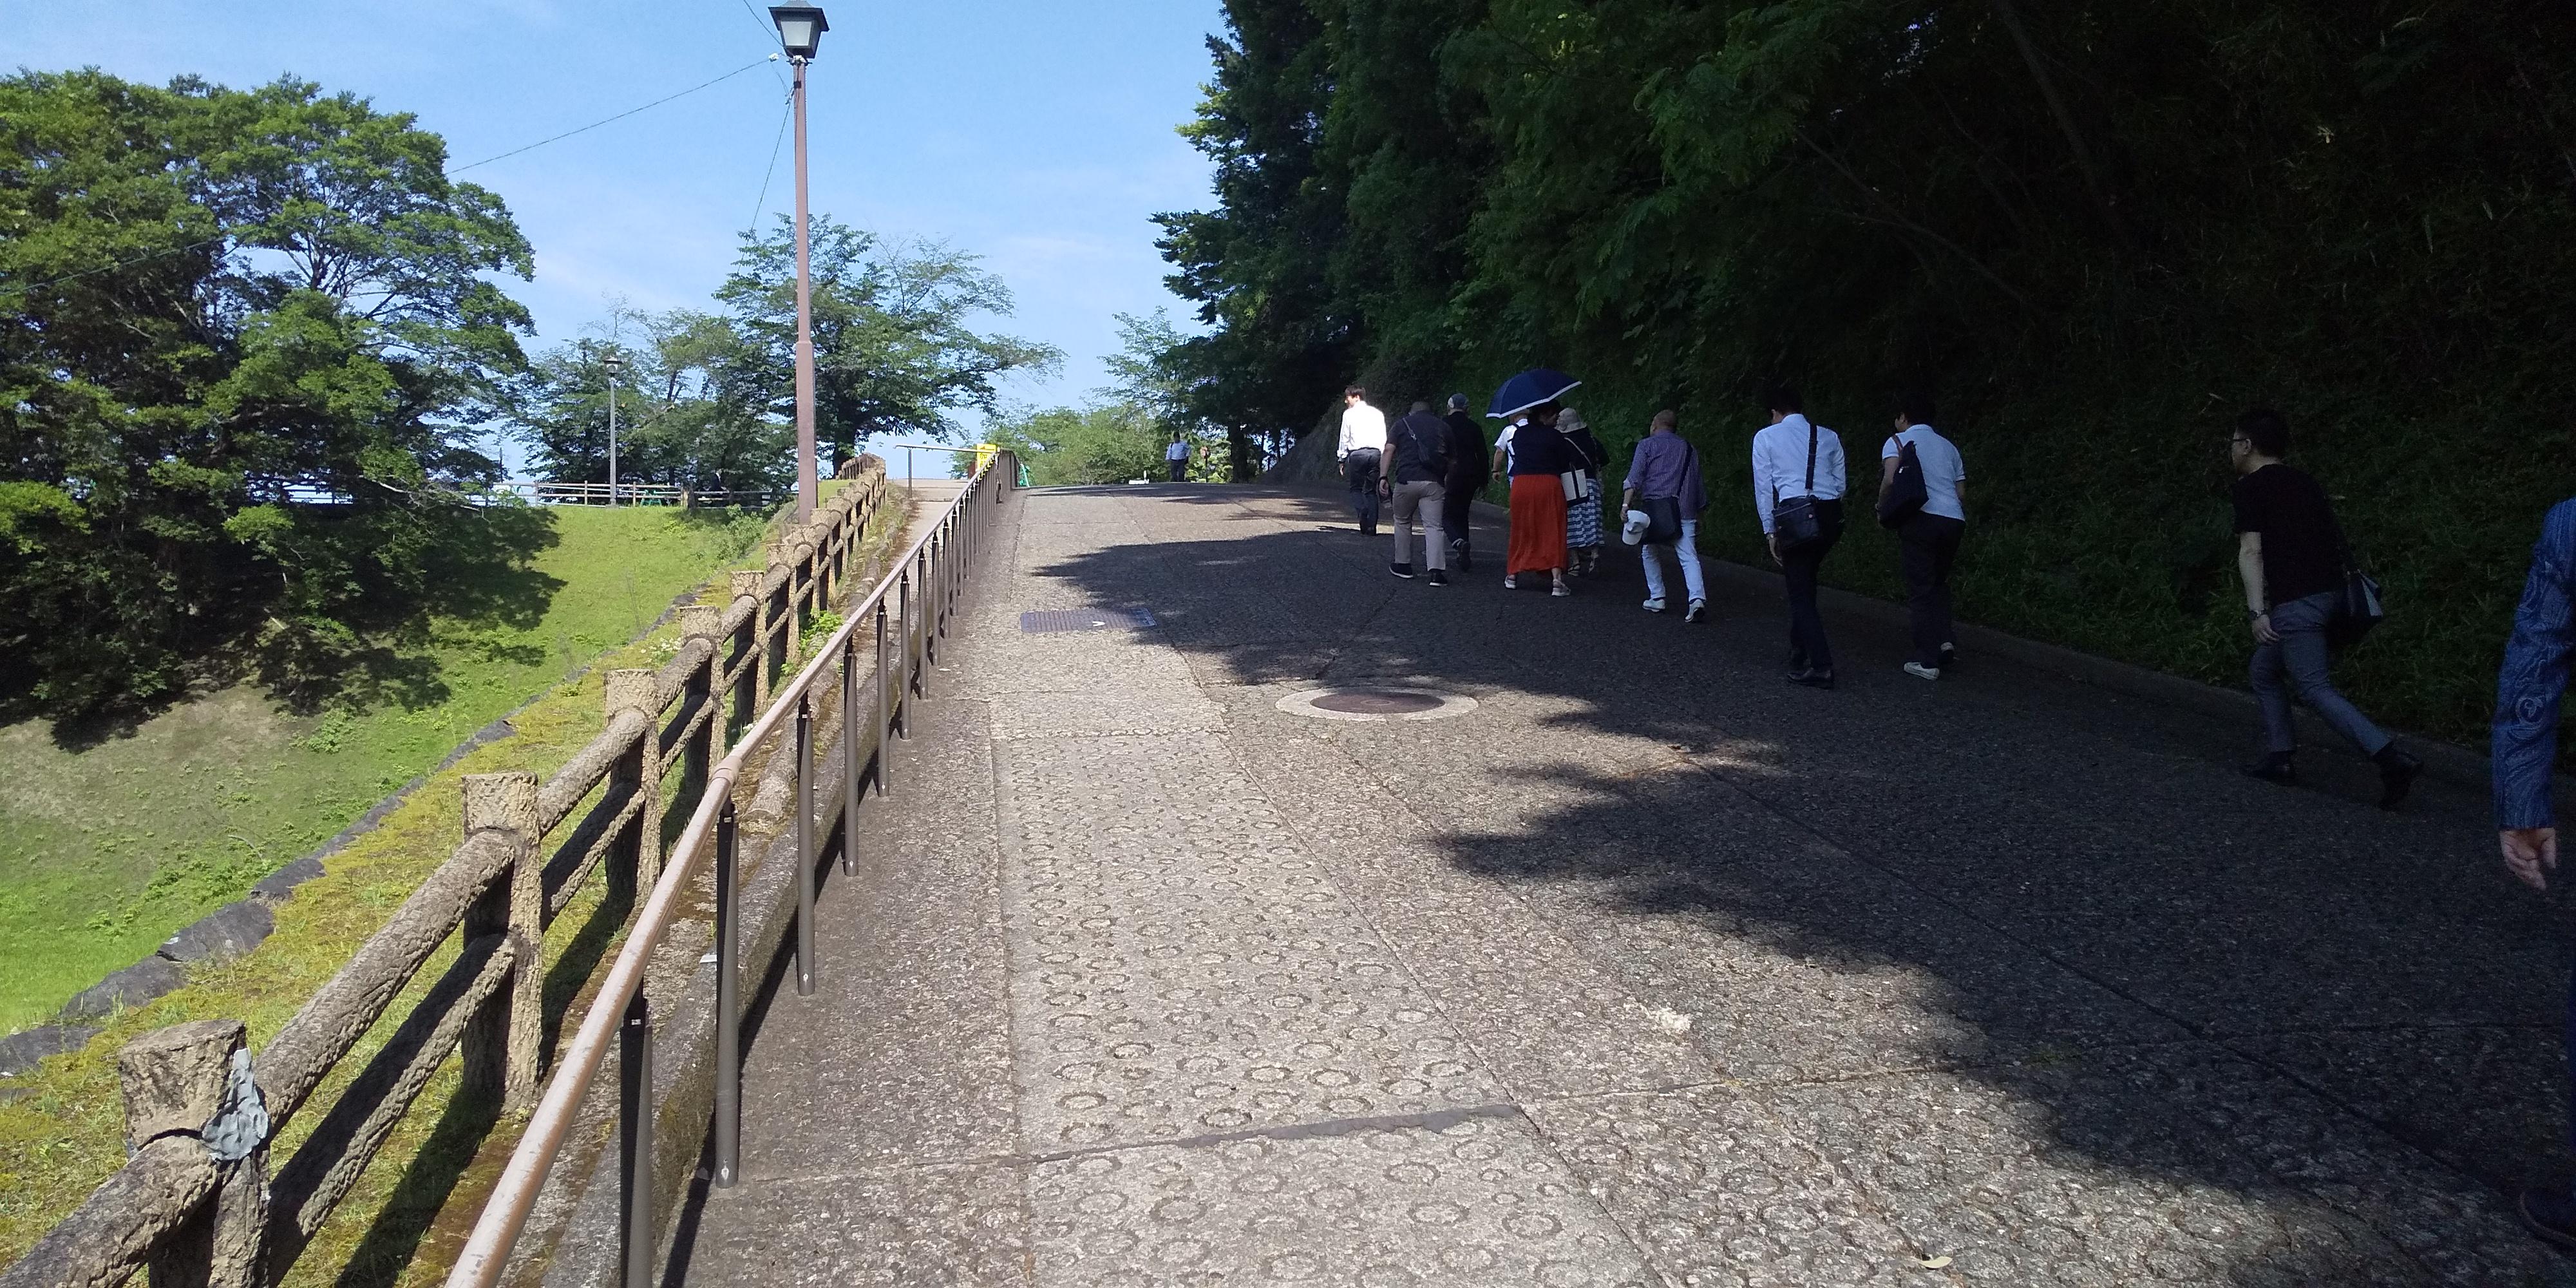 熊本出張 加藤神社と熊本城